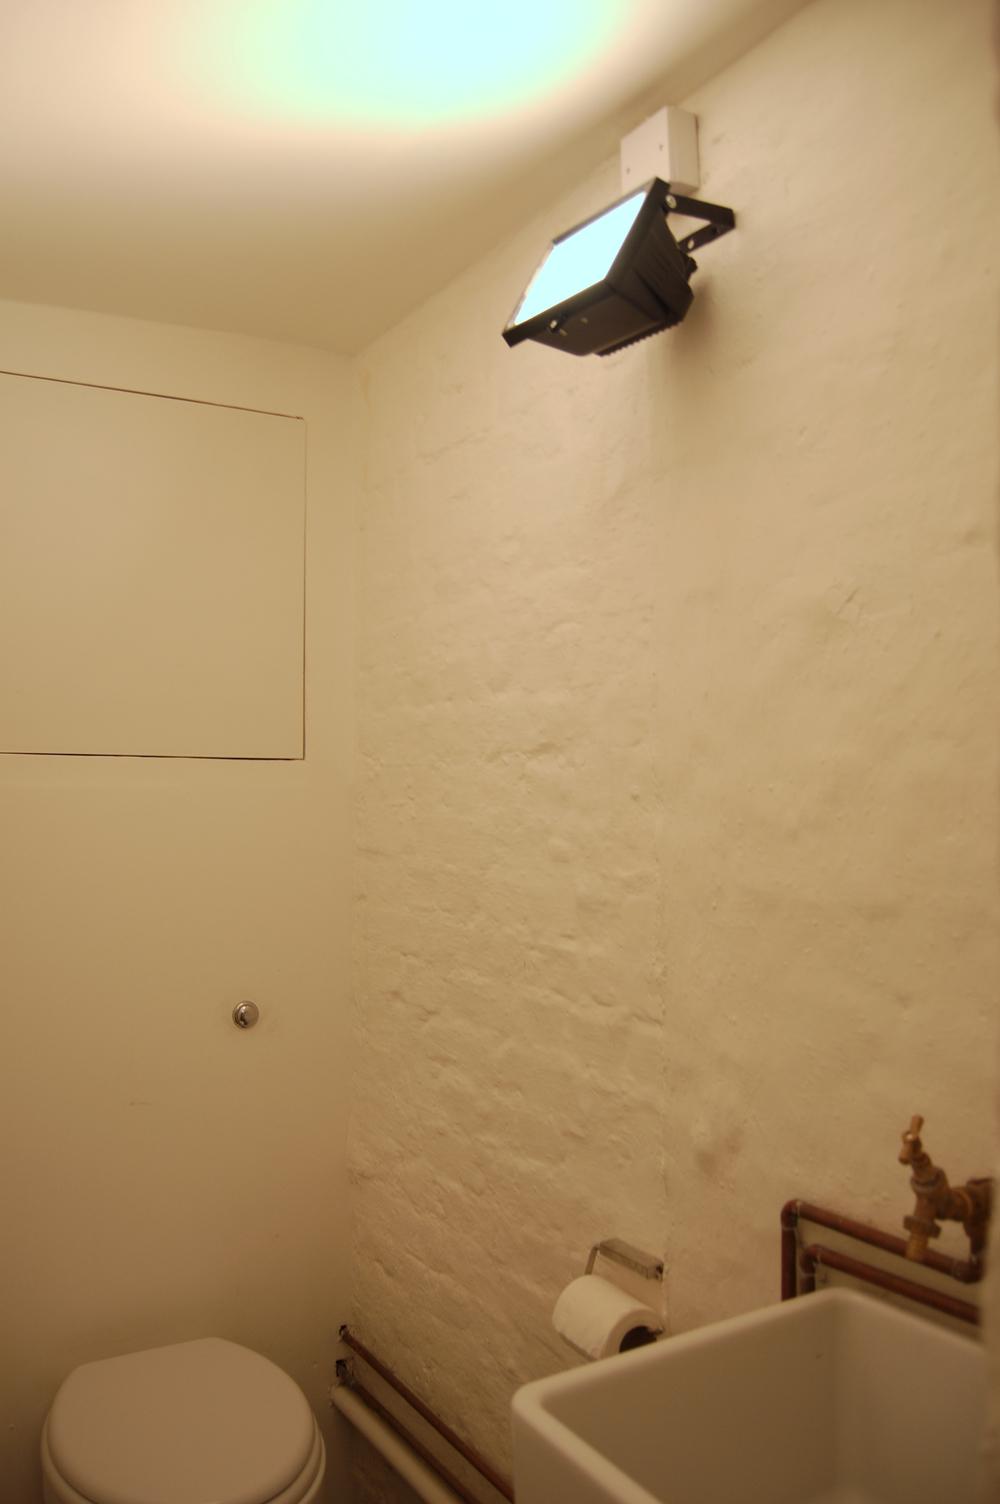 000_fernandez_bathroom.jpg